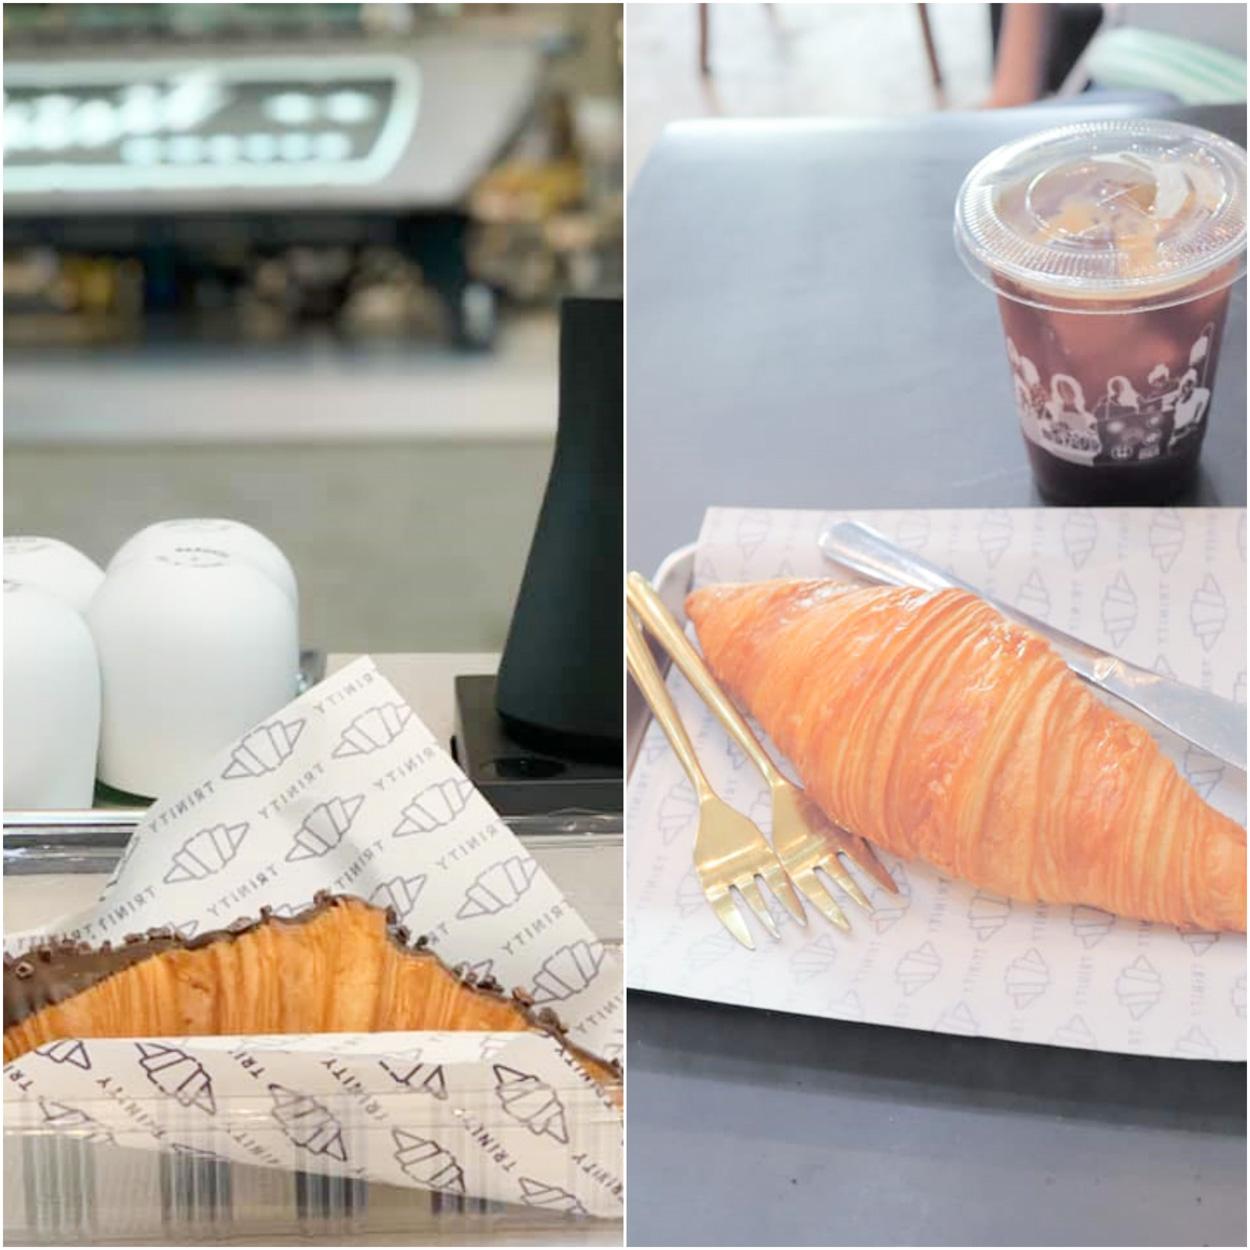 คาเฟ่เด็ดๆ Trinity cafe เบเกอรี่หอมอร่อย พวกครัวซองคือดีีียยย์ พนังงานก็บริการดีเอาใจใส่มากๆแล้วยังได้มุมถ่ายรูปเพียบบ